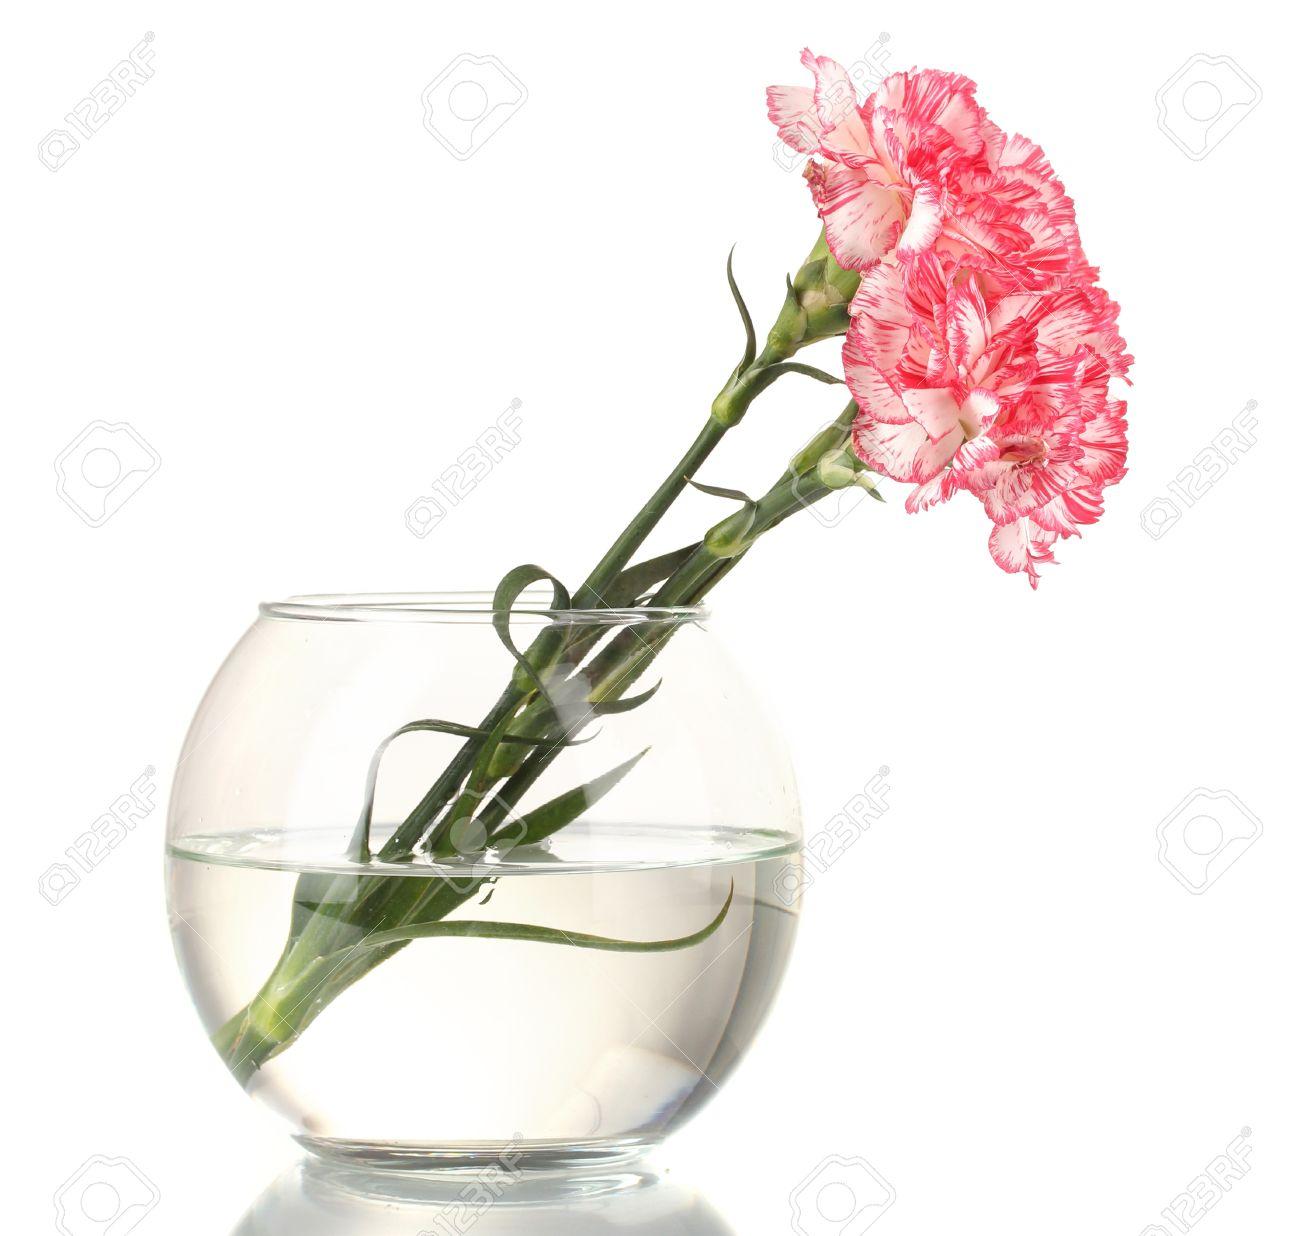 Beautiful carnations transparent vase isolated on white Stock Photo - 13435053